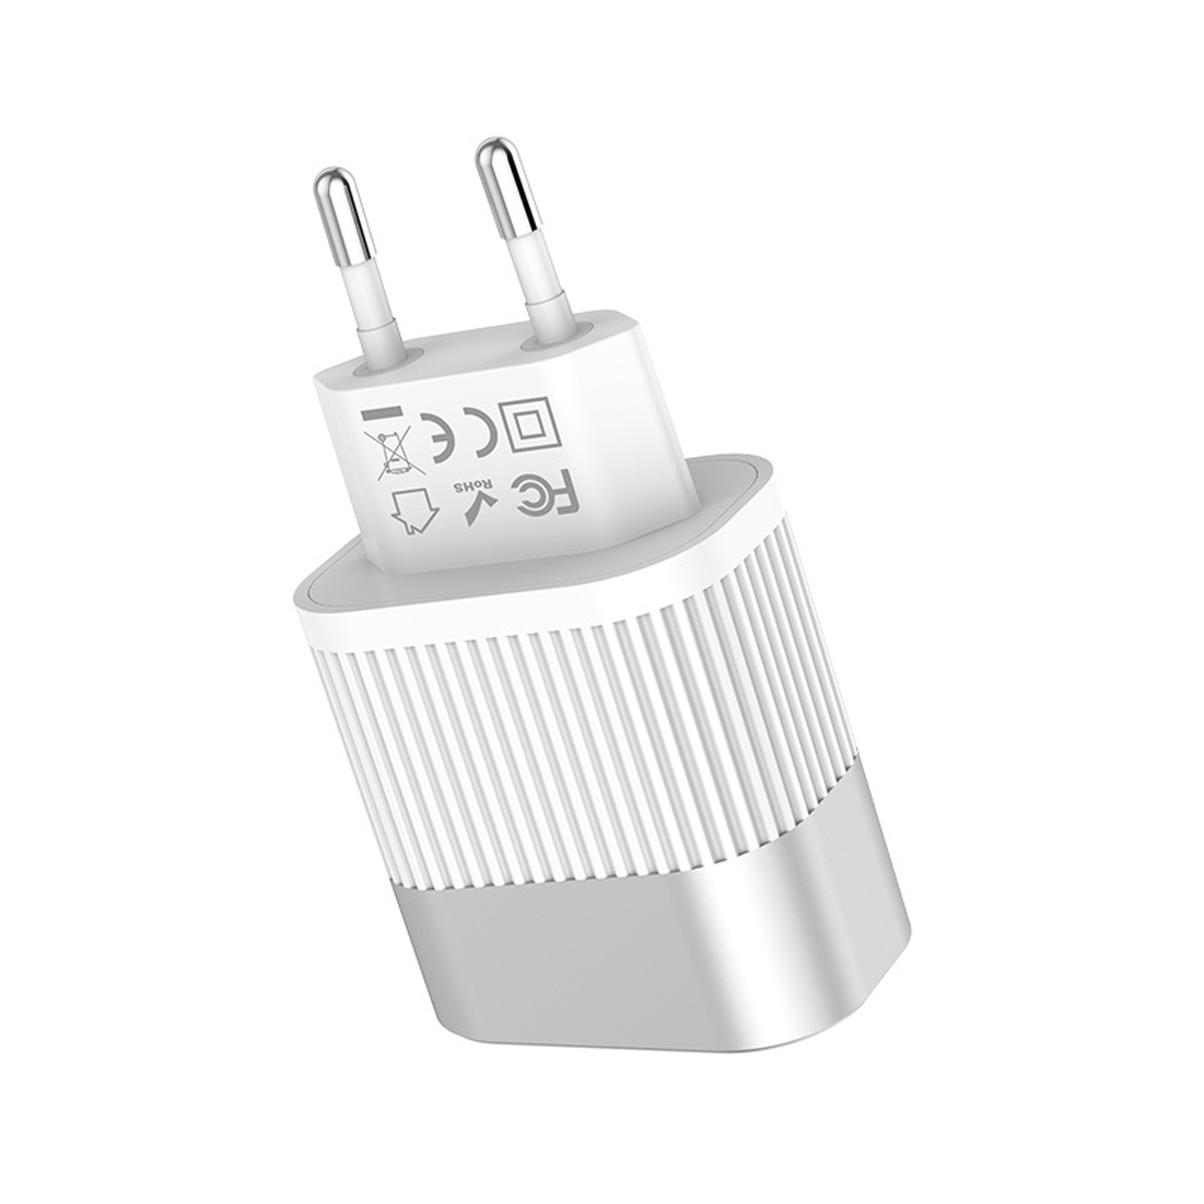 Củ sạc hiển thị đèn LED sạc nhanh 2.4A Hoco C40A + Tặng Cáp Micro USB - Chính Hãng